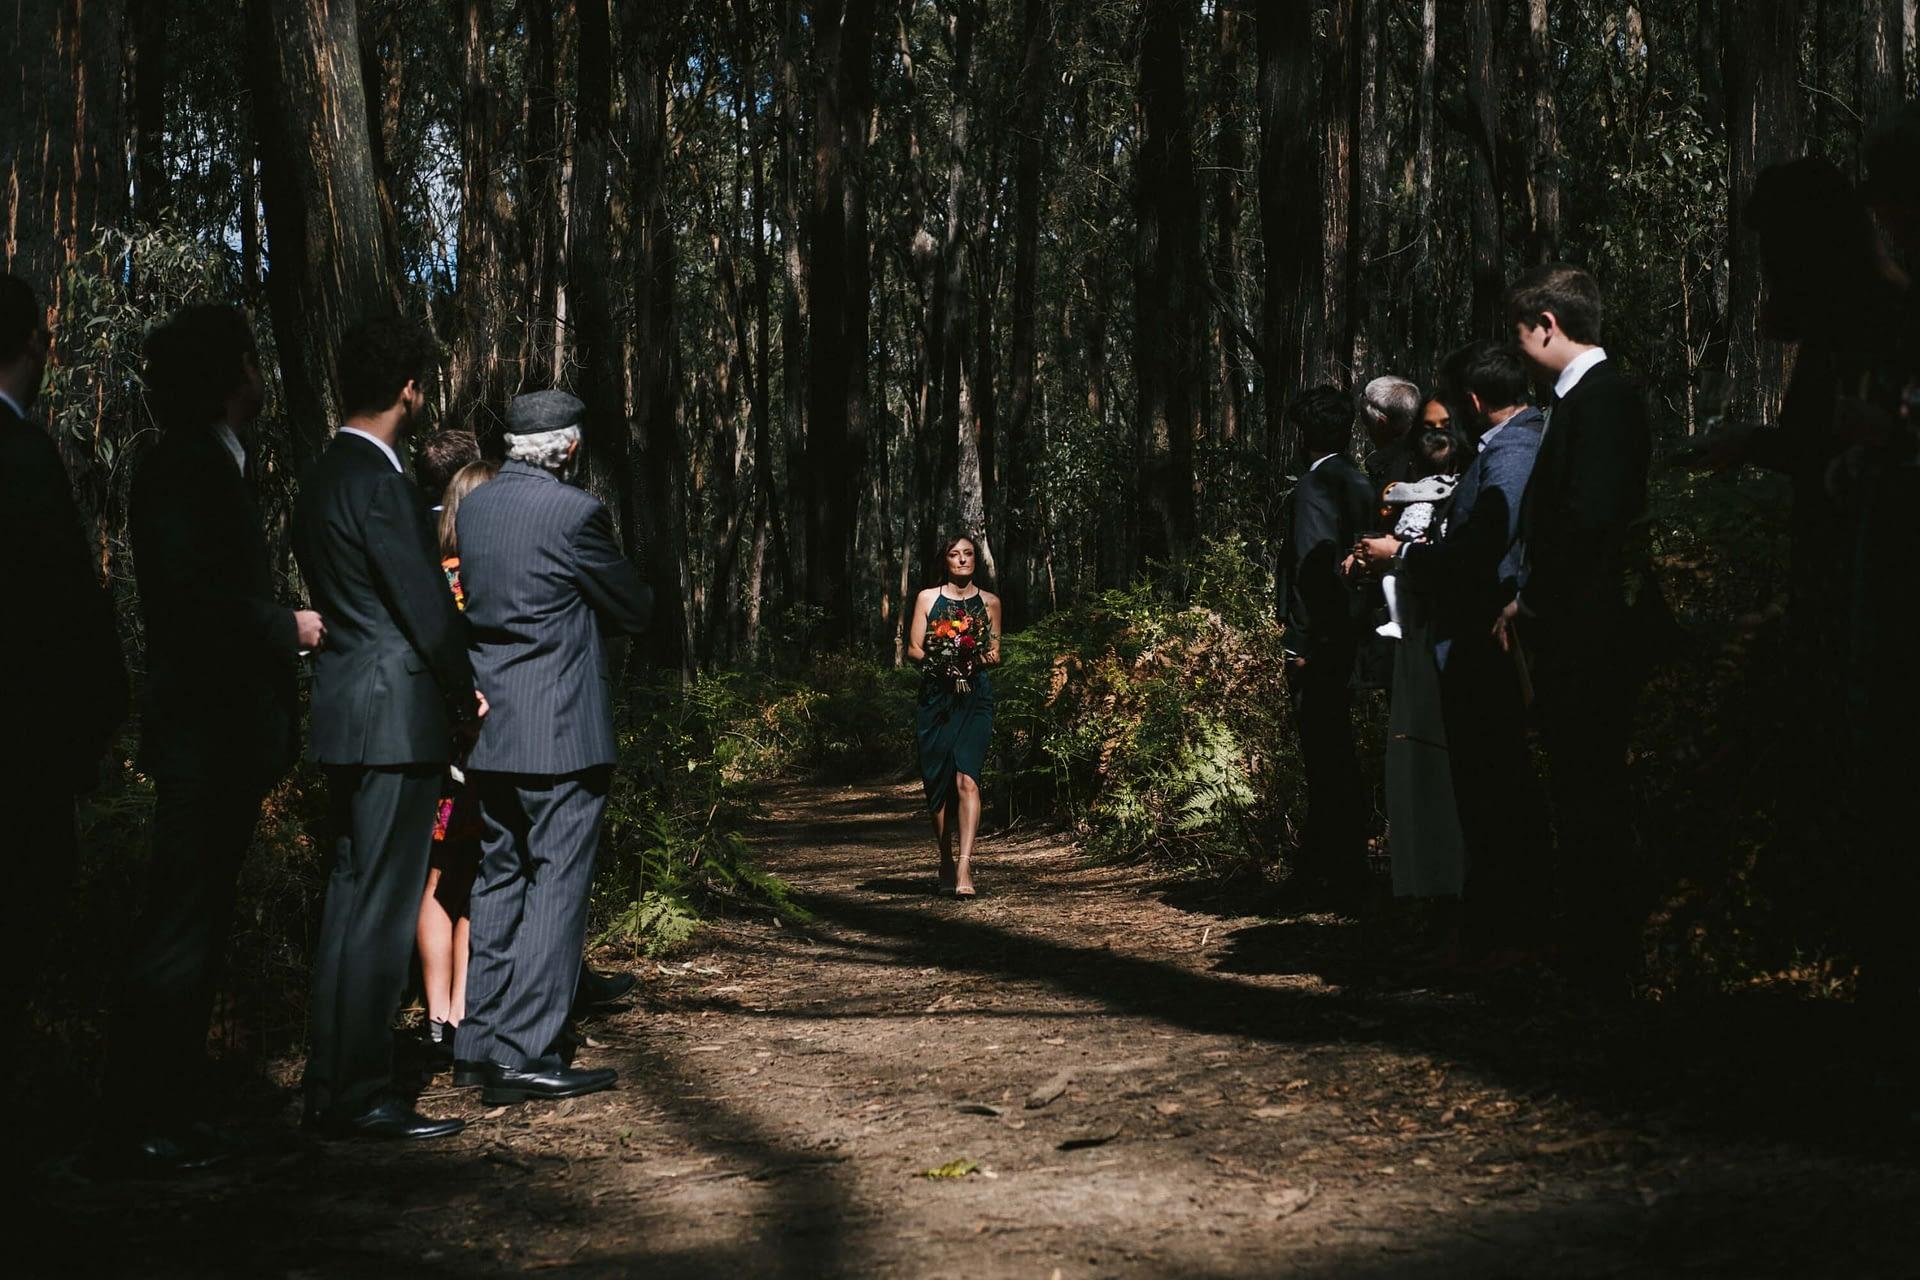 Kinglake-Forest-Adventures-Jasmine-and-Josh